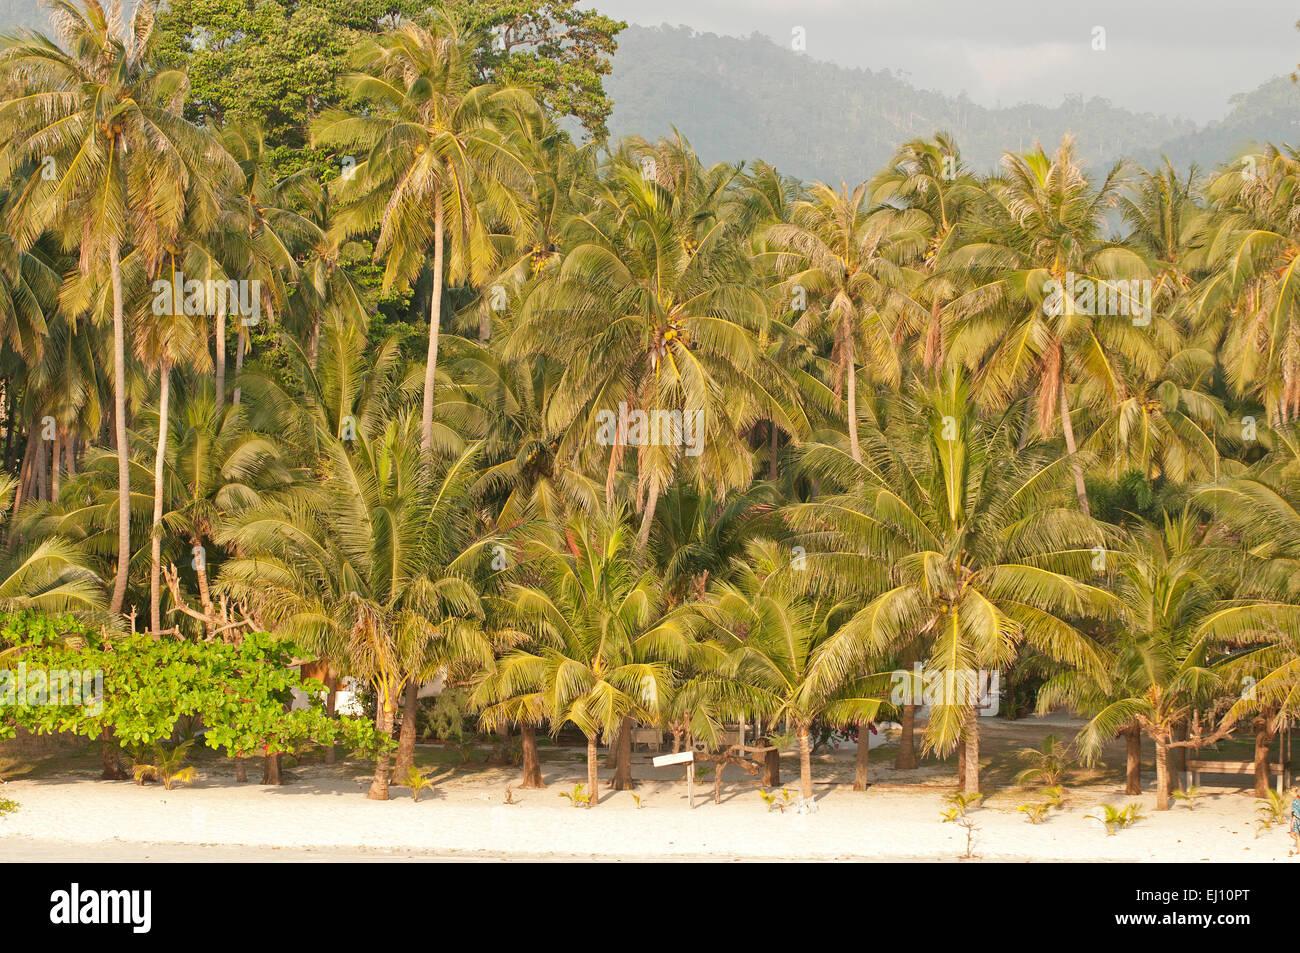 Landscape Beach Coconut Trees Koh Samui Thailand Tourism Palm